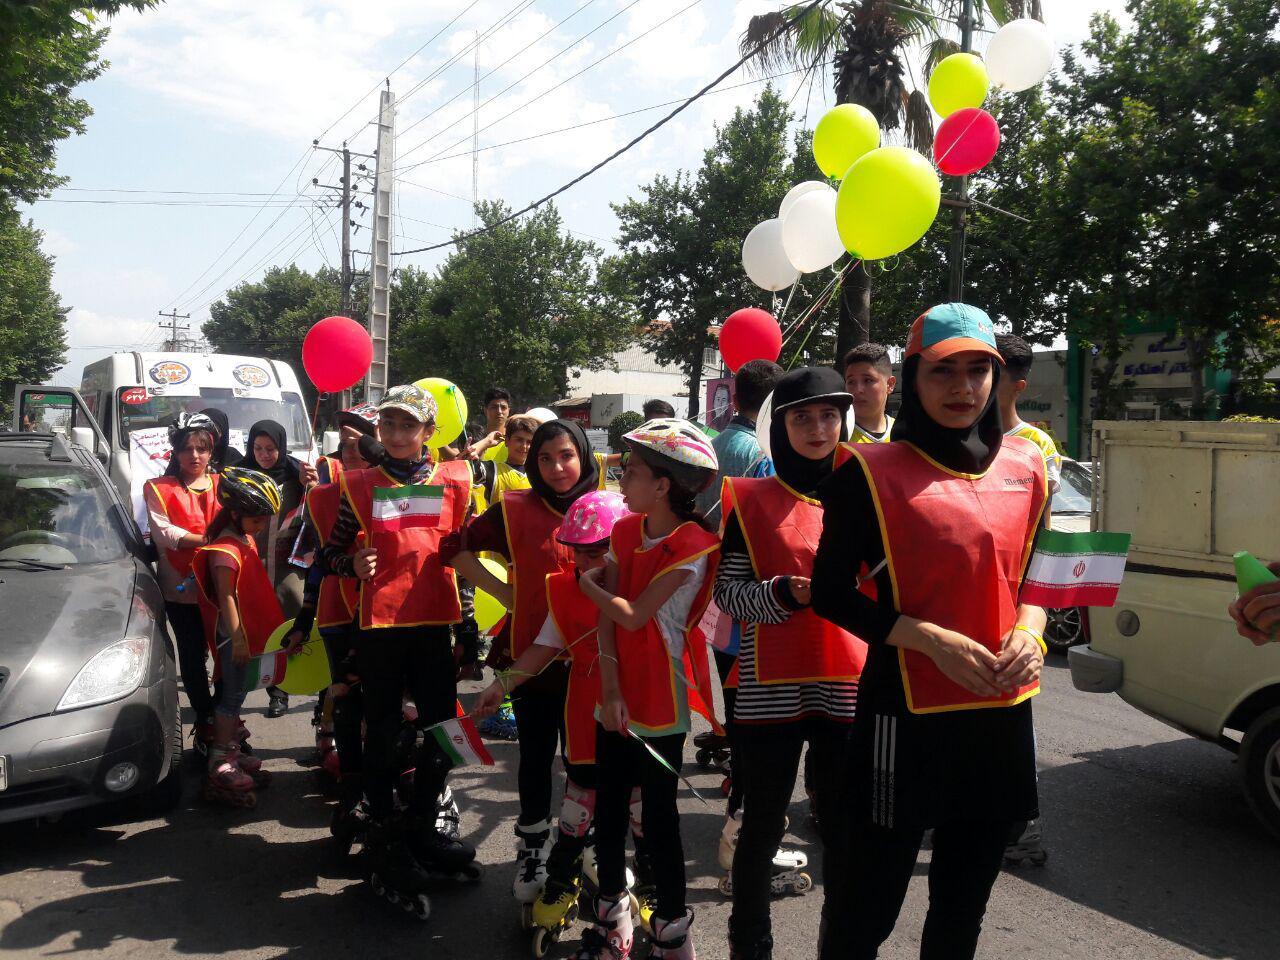 کارناوال هیات اسکیت شهرستان آمل در هفته مبارزه با اعتیاد به راه افتاد + تصاویر